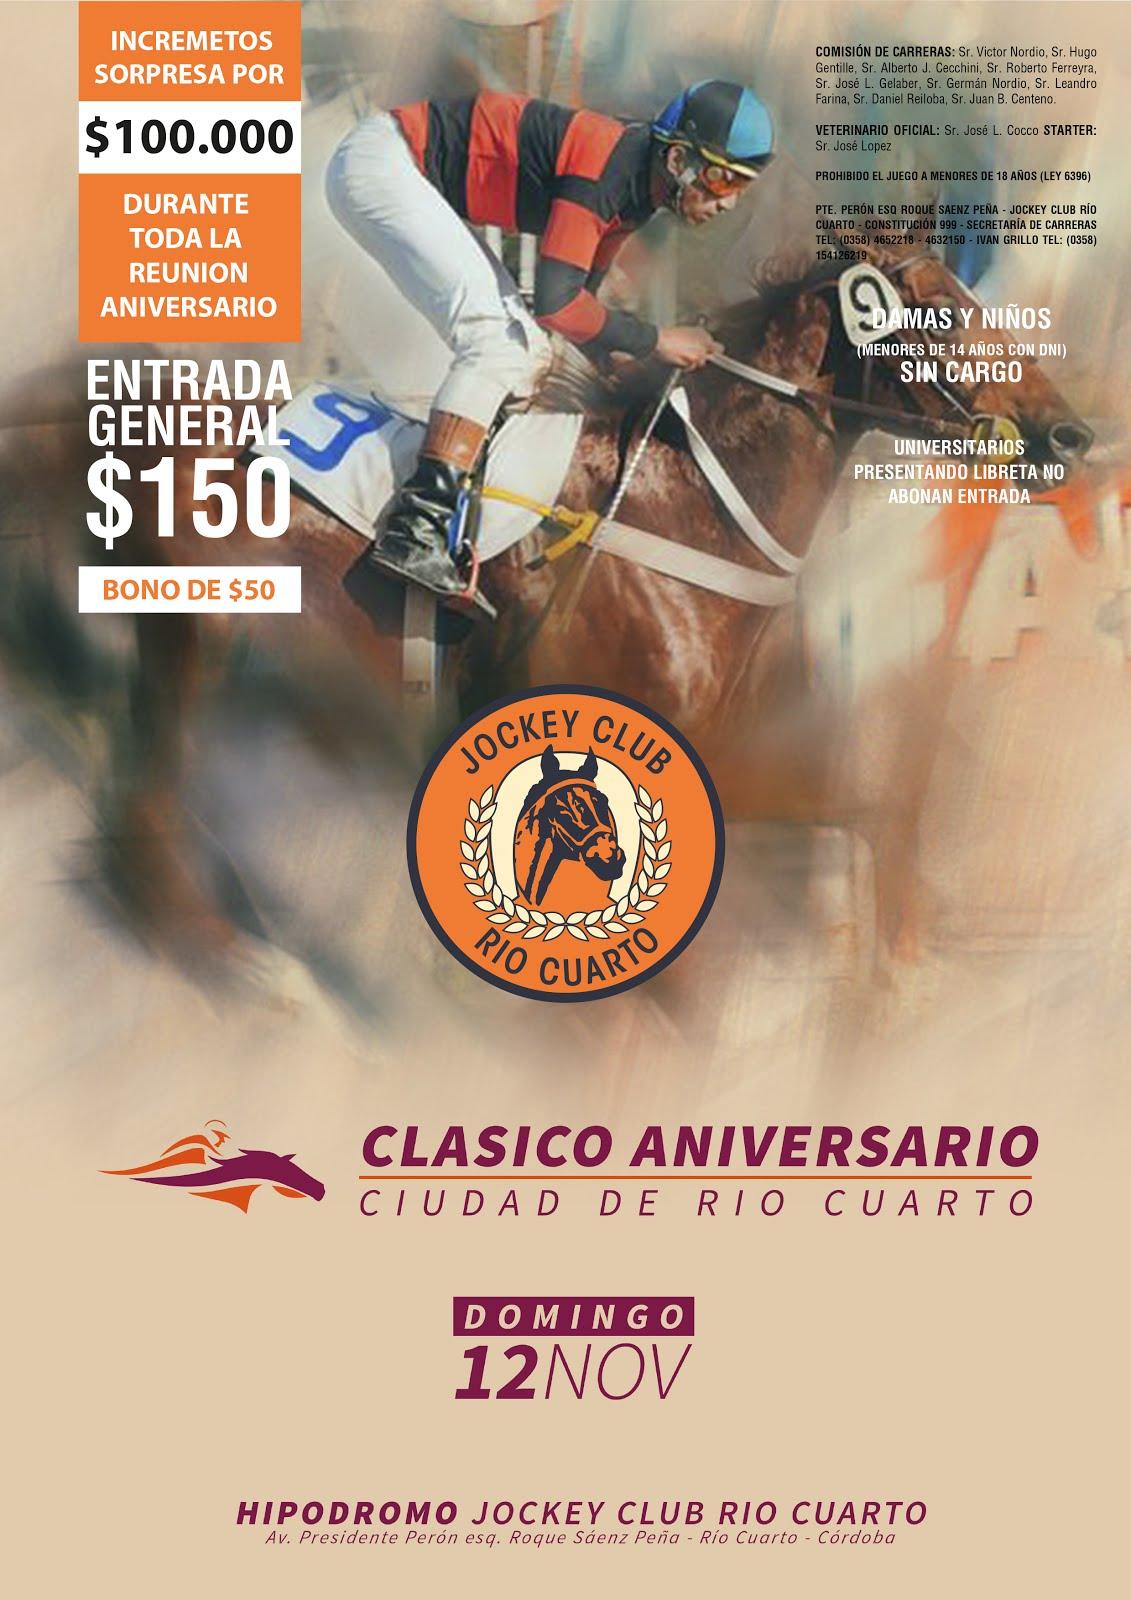 PROGRAMA DE CARRERAS - CLASICO ANIVERSARIO CIUDAD DE RIO CUARTO - JOCKEY CLUB RIO CUARTO